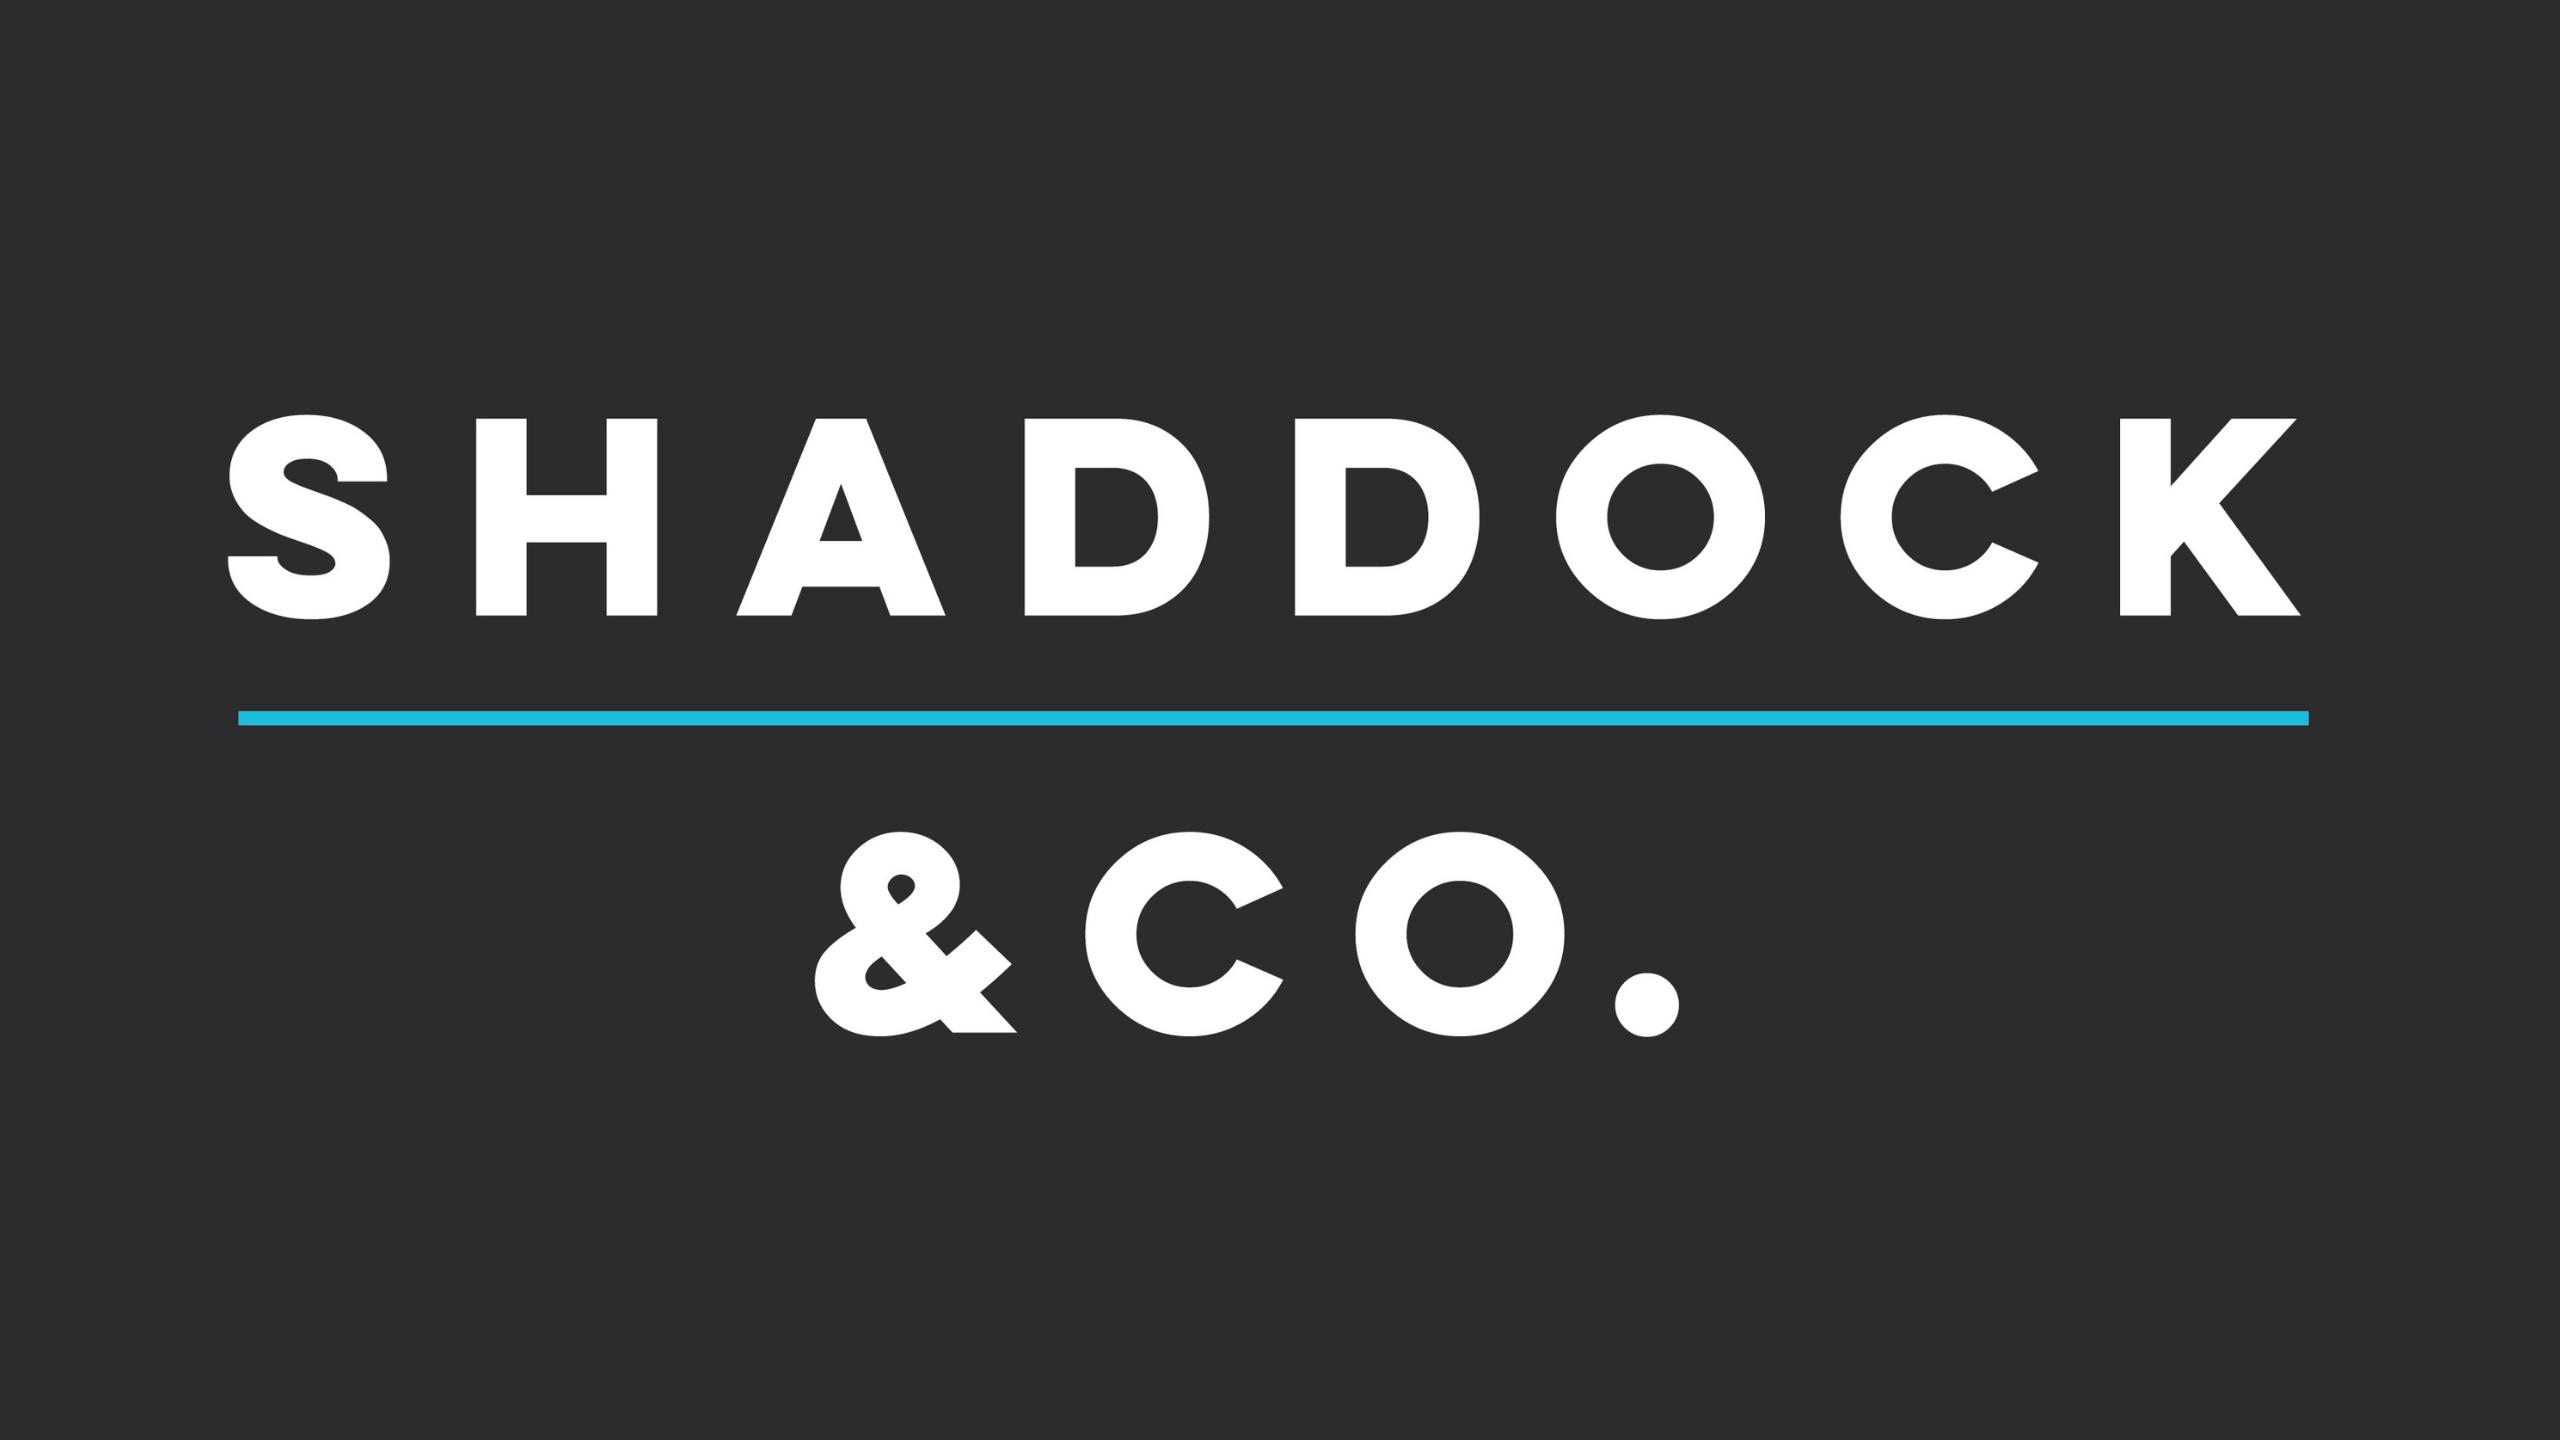 Shaddock & Co